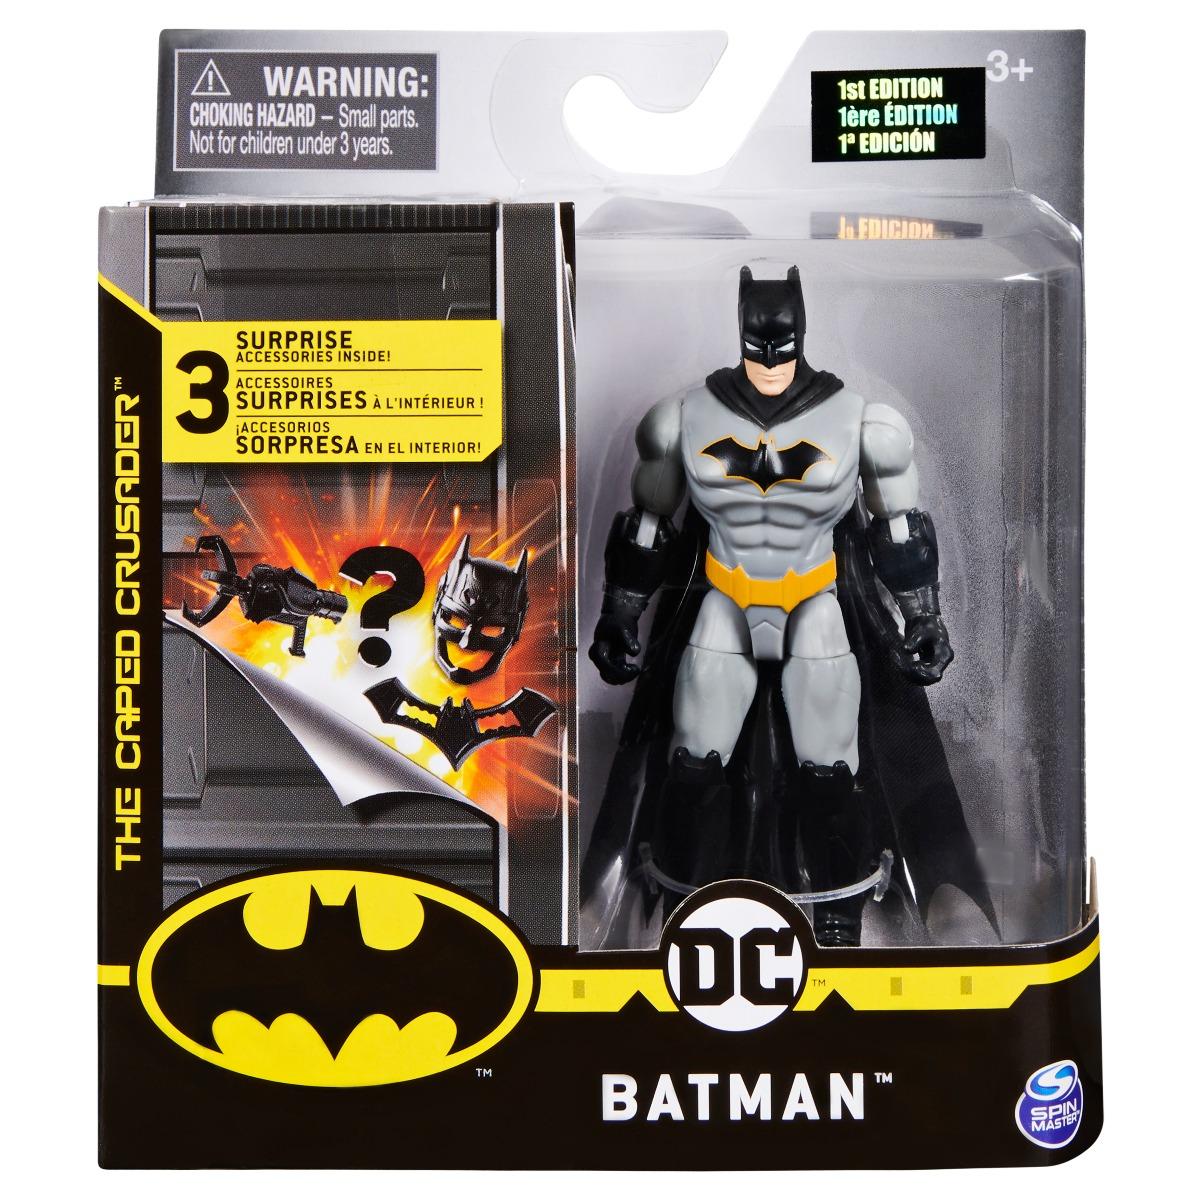 Set Figurina cu accesorii surpriza Batman 20125090